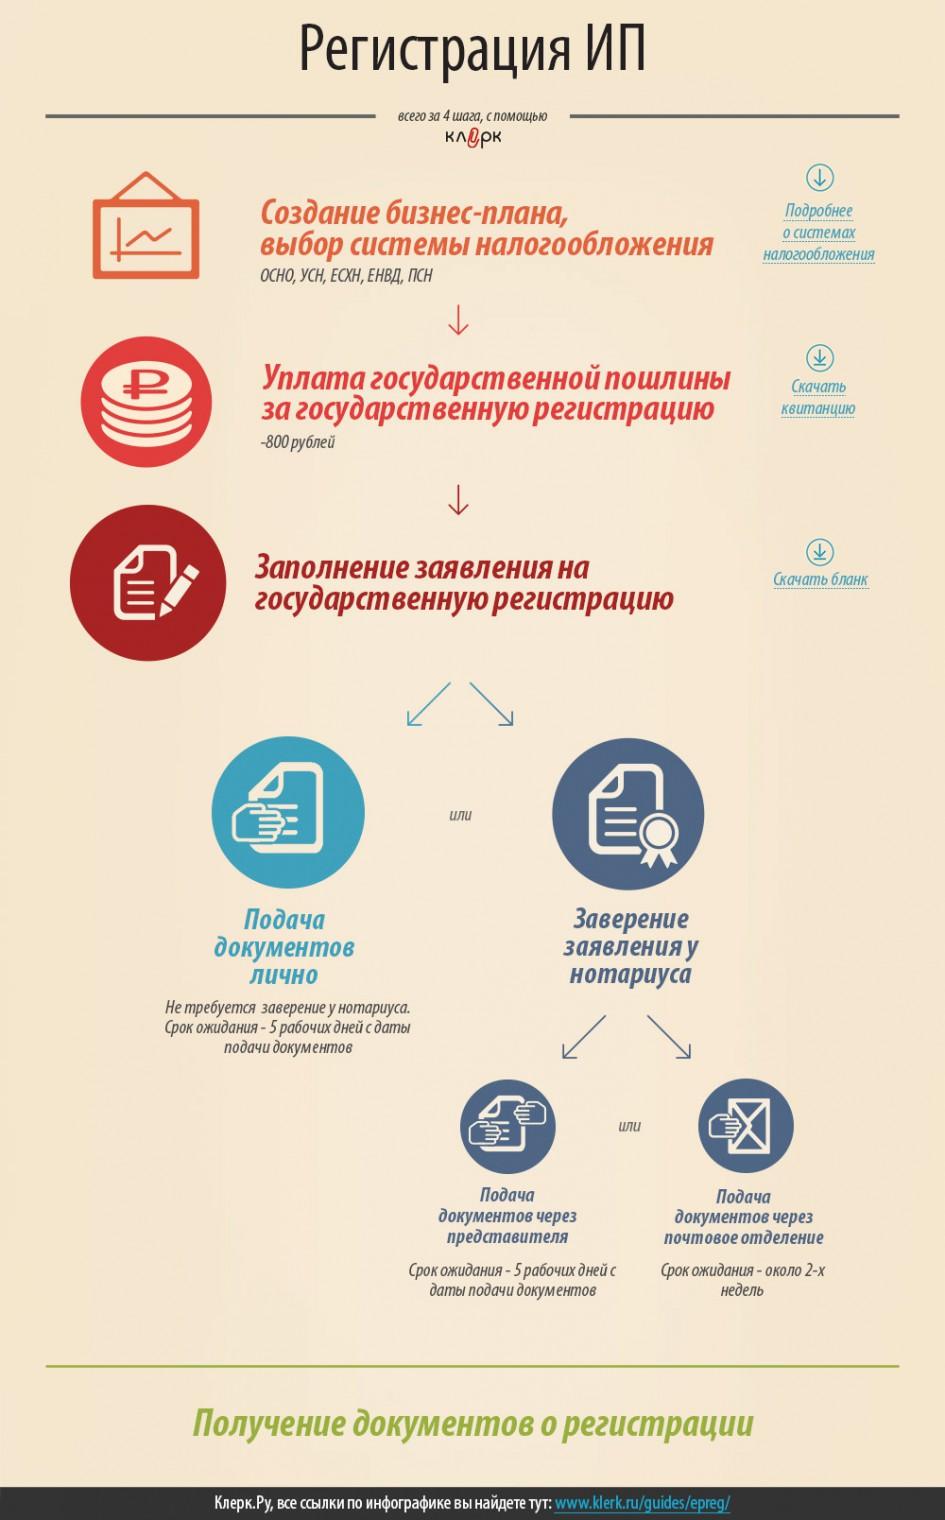 """""""Регистрация ИП"""" от klerk.ru"""